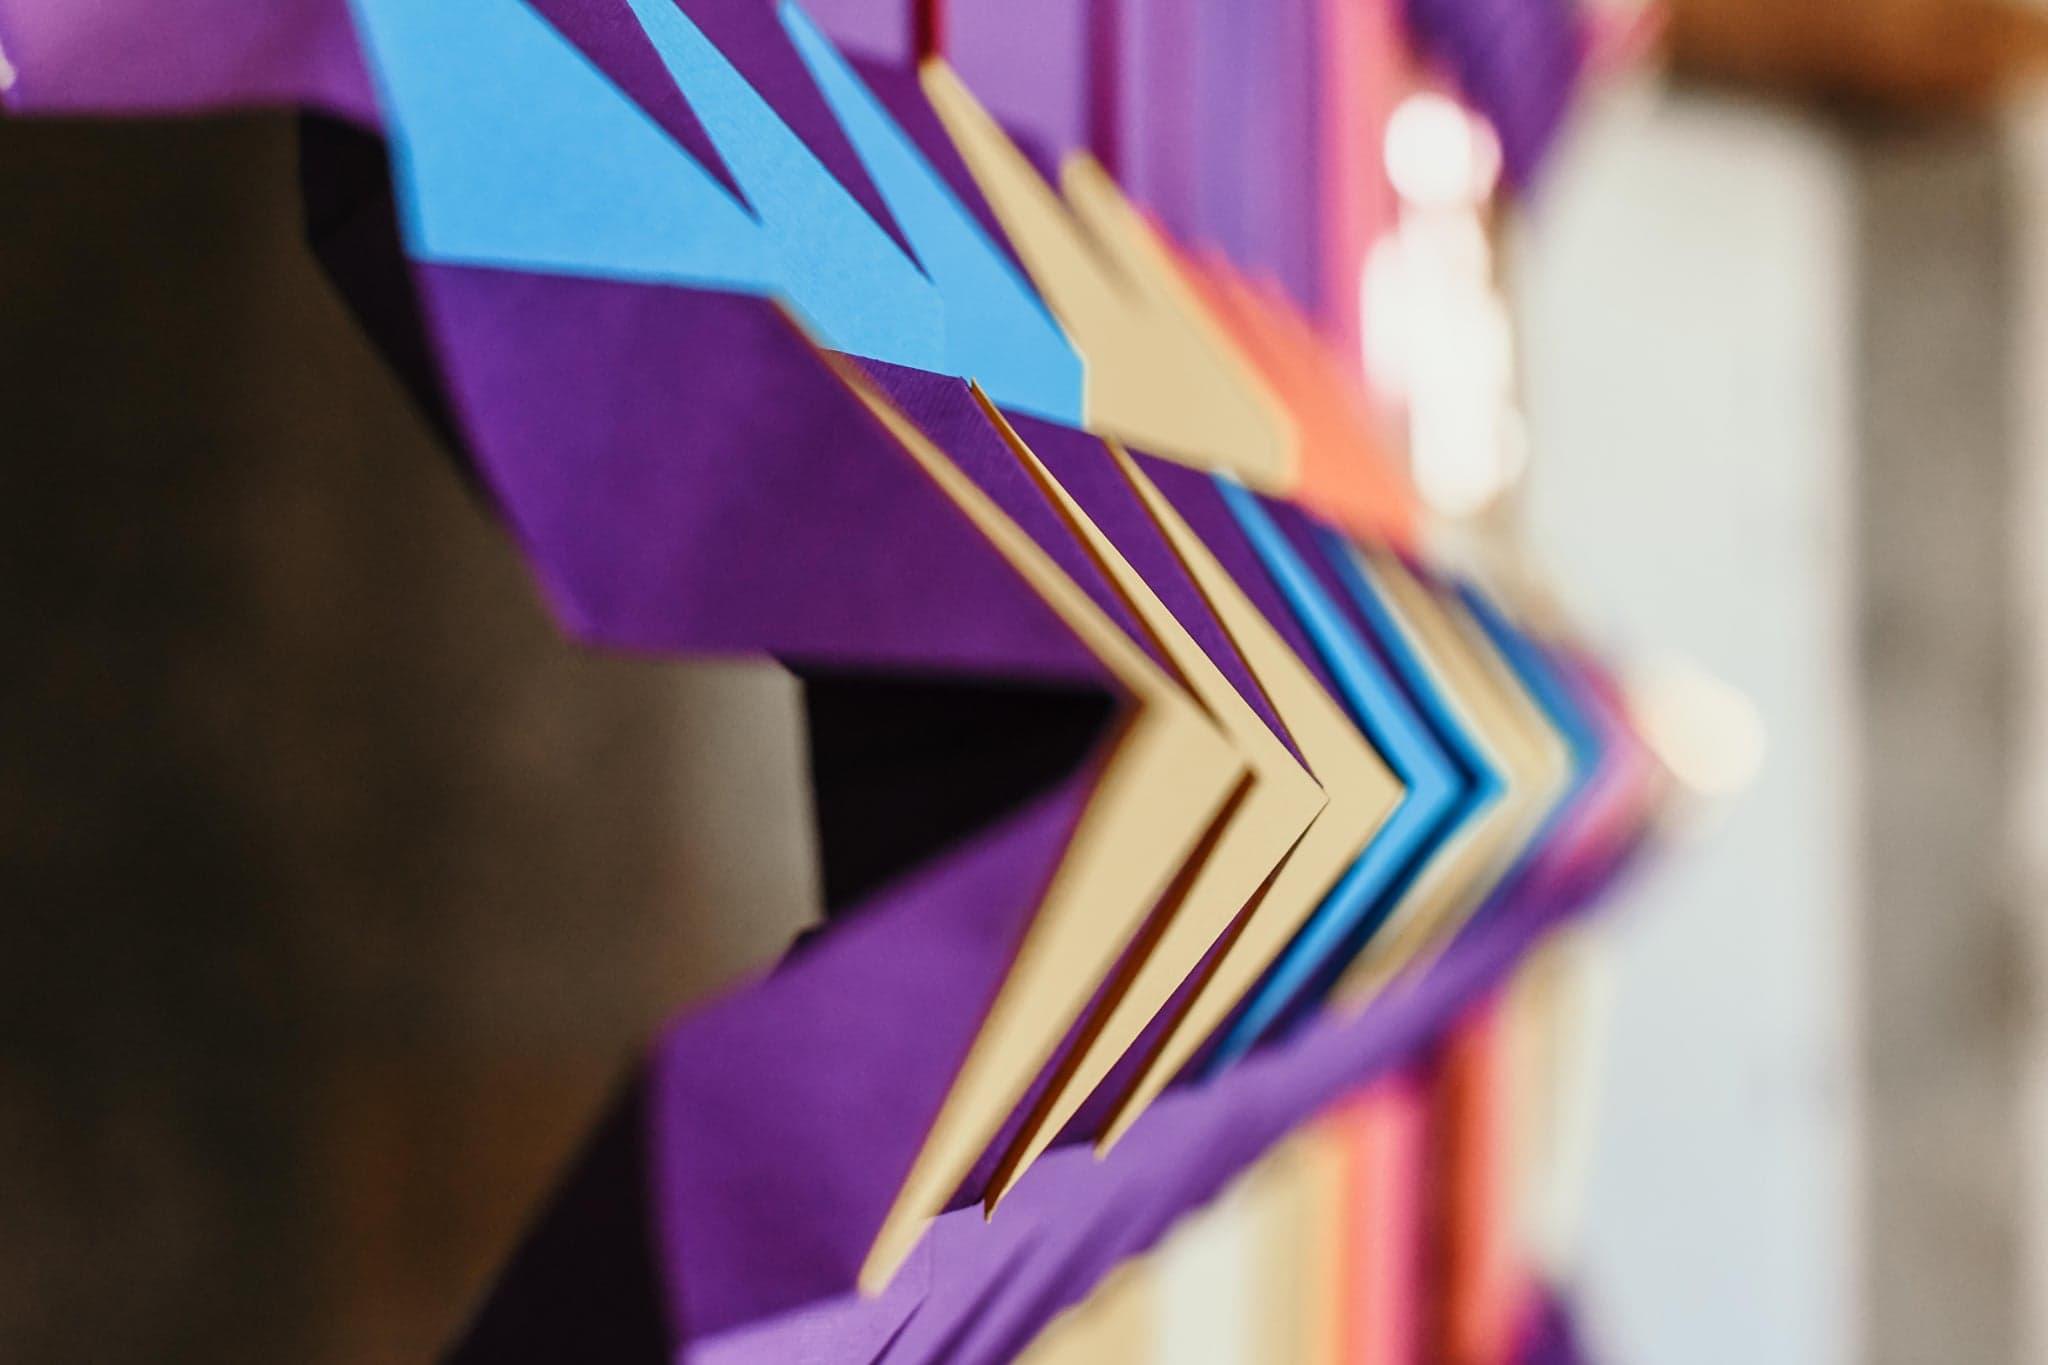 Miss cloudy paper art installation mural folding kente